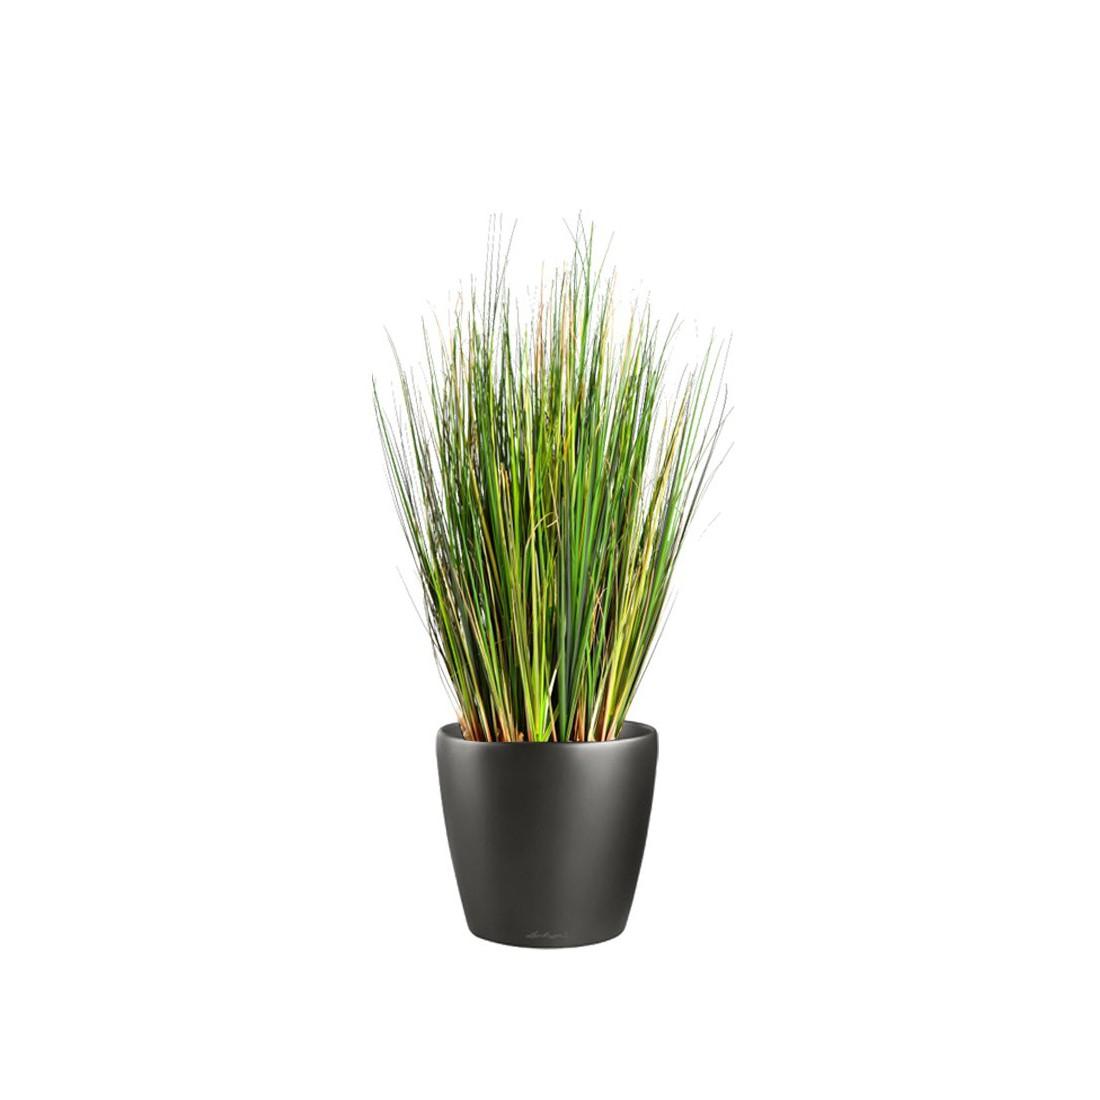 herbe artificielle foxtail 60 cm sans plumeau fleurs des champs artificielles reflets nature lyon. Black Bedroom Furniture Sets. Home Design Ideas